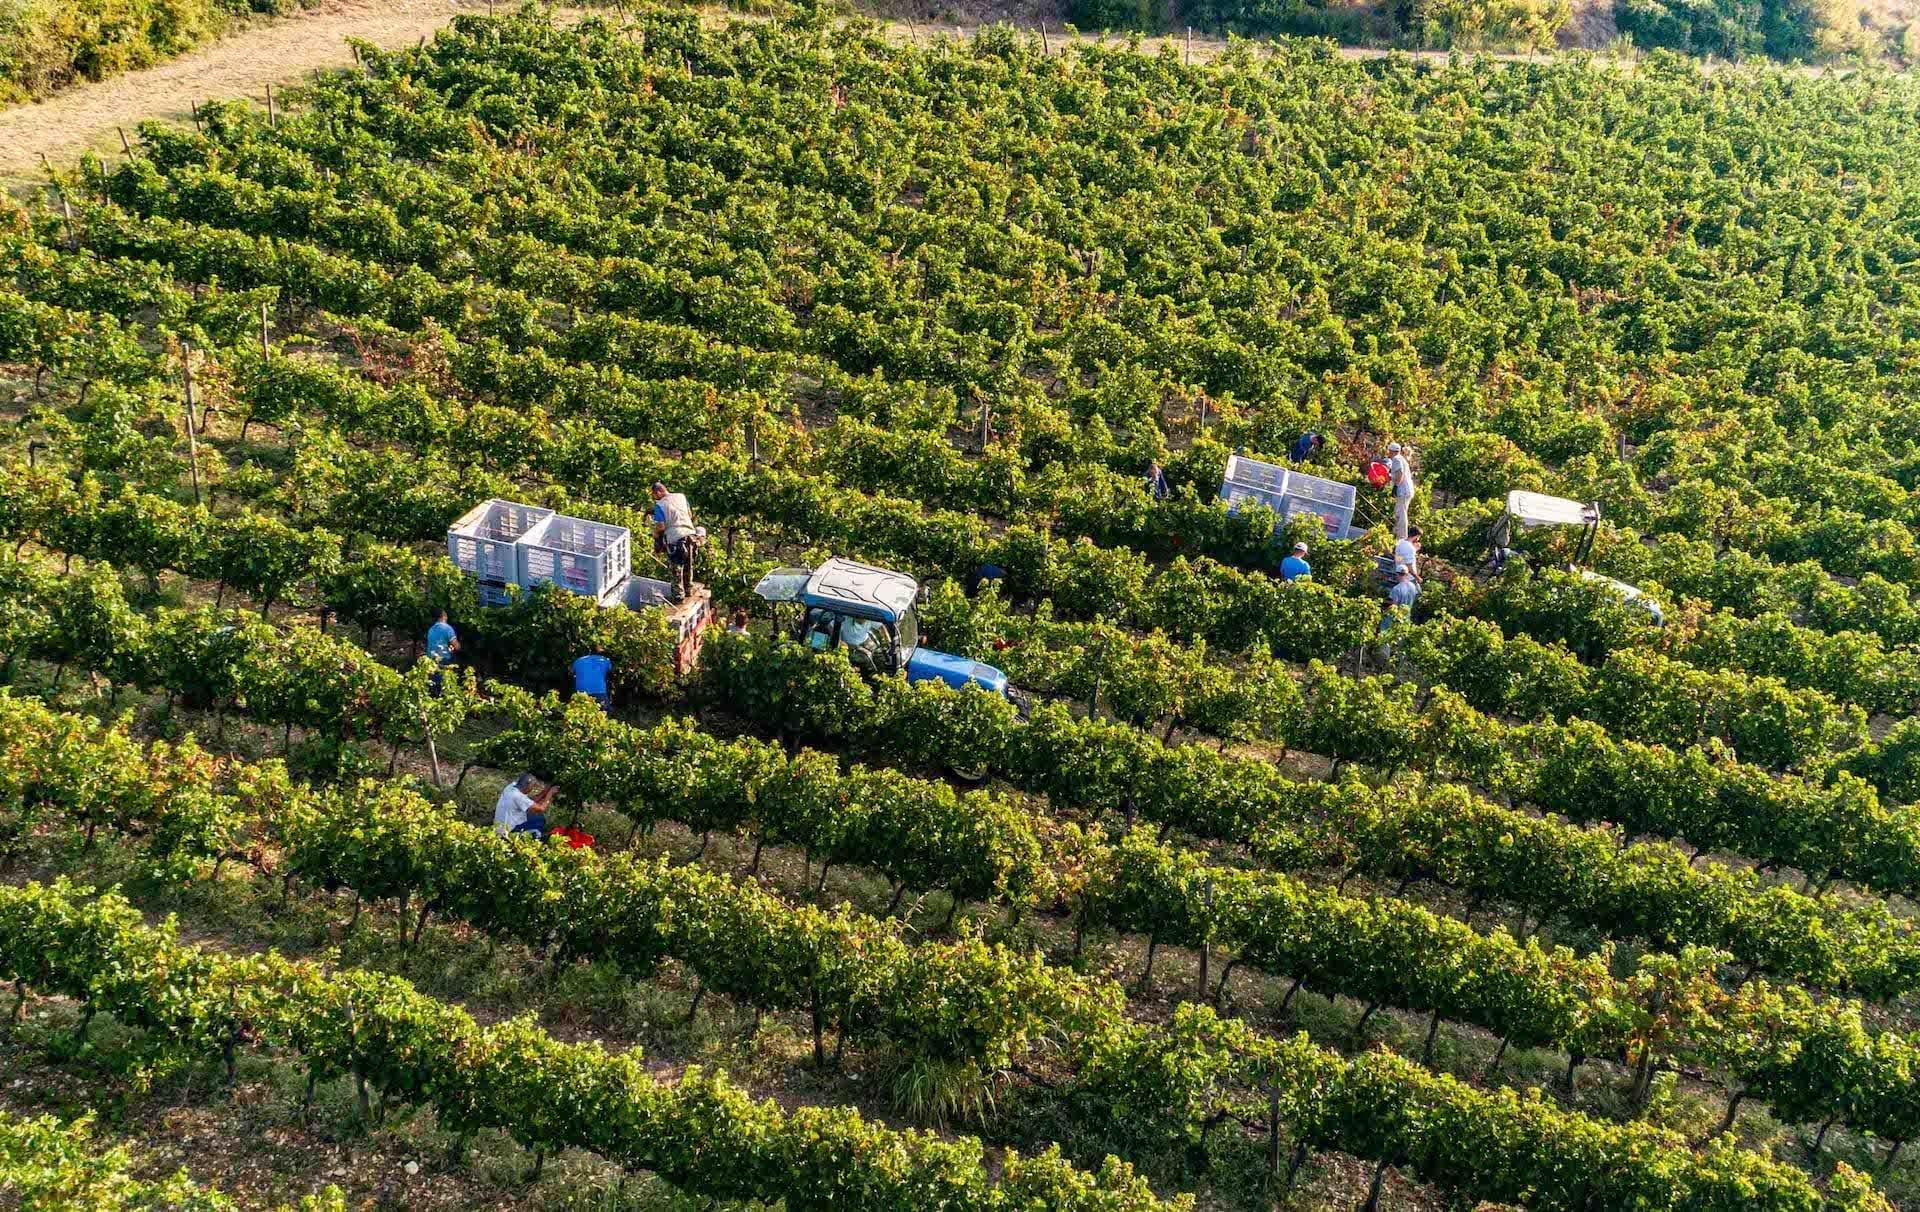 https://s3-eu-central-1.amazonaws.com/principecorsini/wp-content/uploads/2020/02/07165648/Fico-Wine-Principe-Corsini-18.jpg